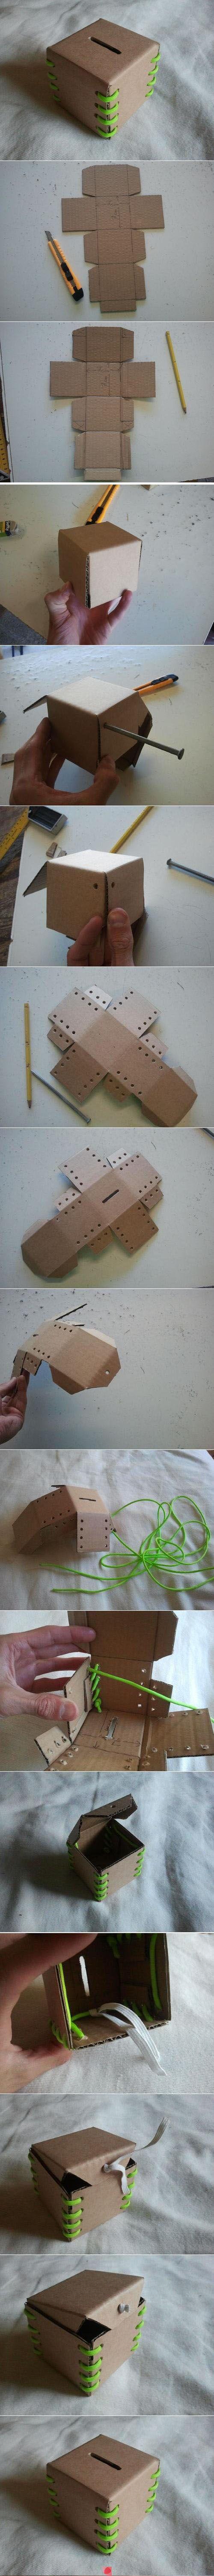 Tirelire en carton